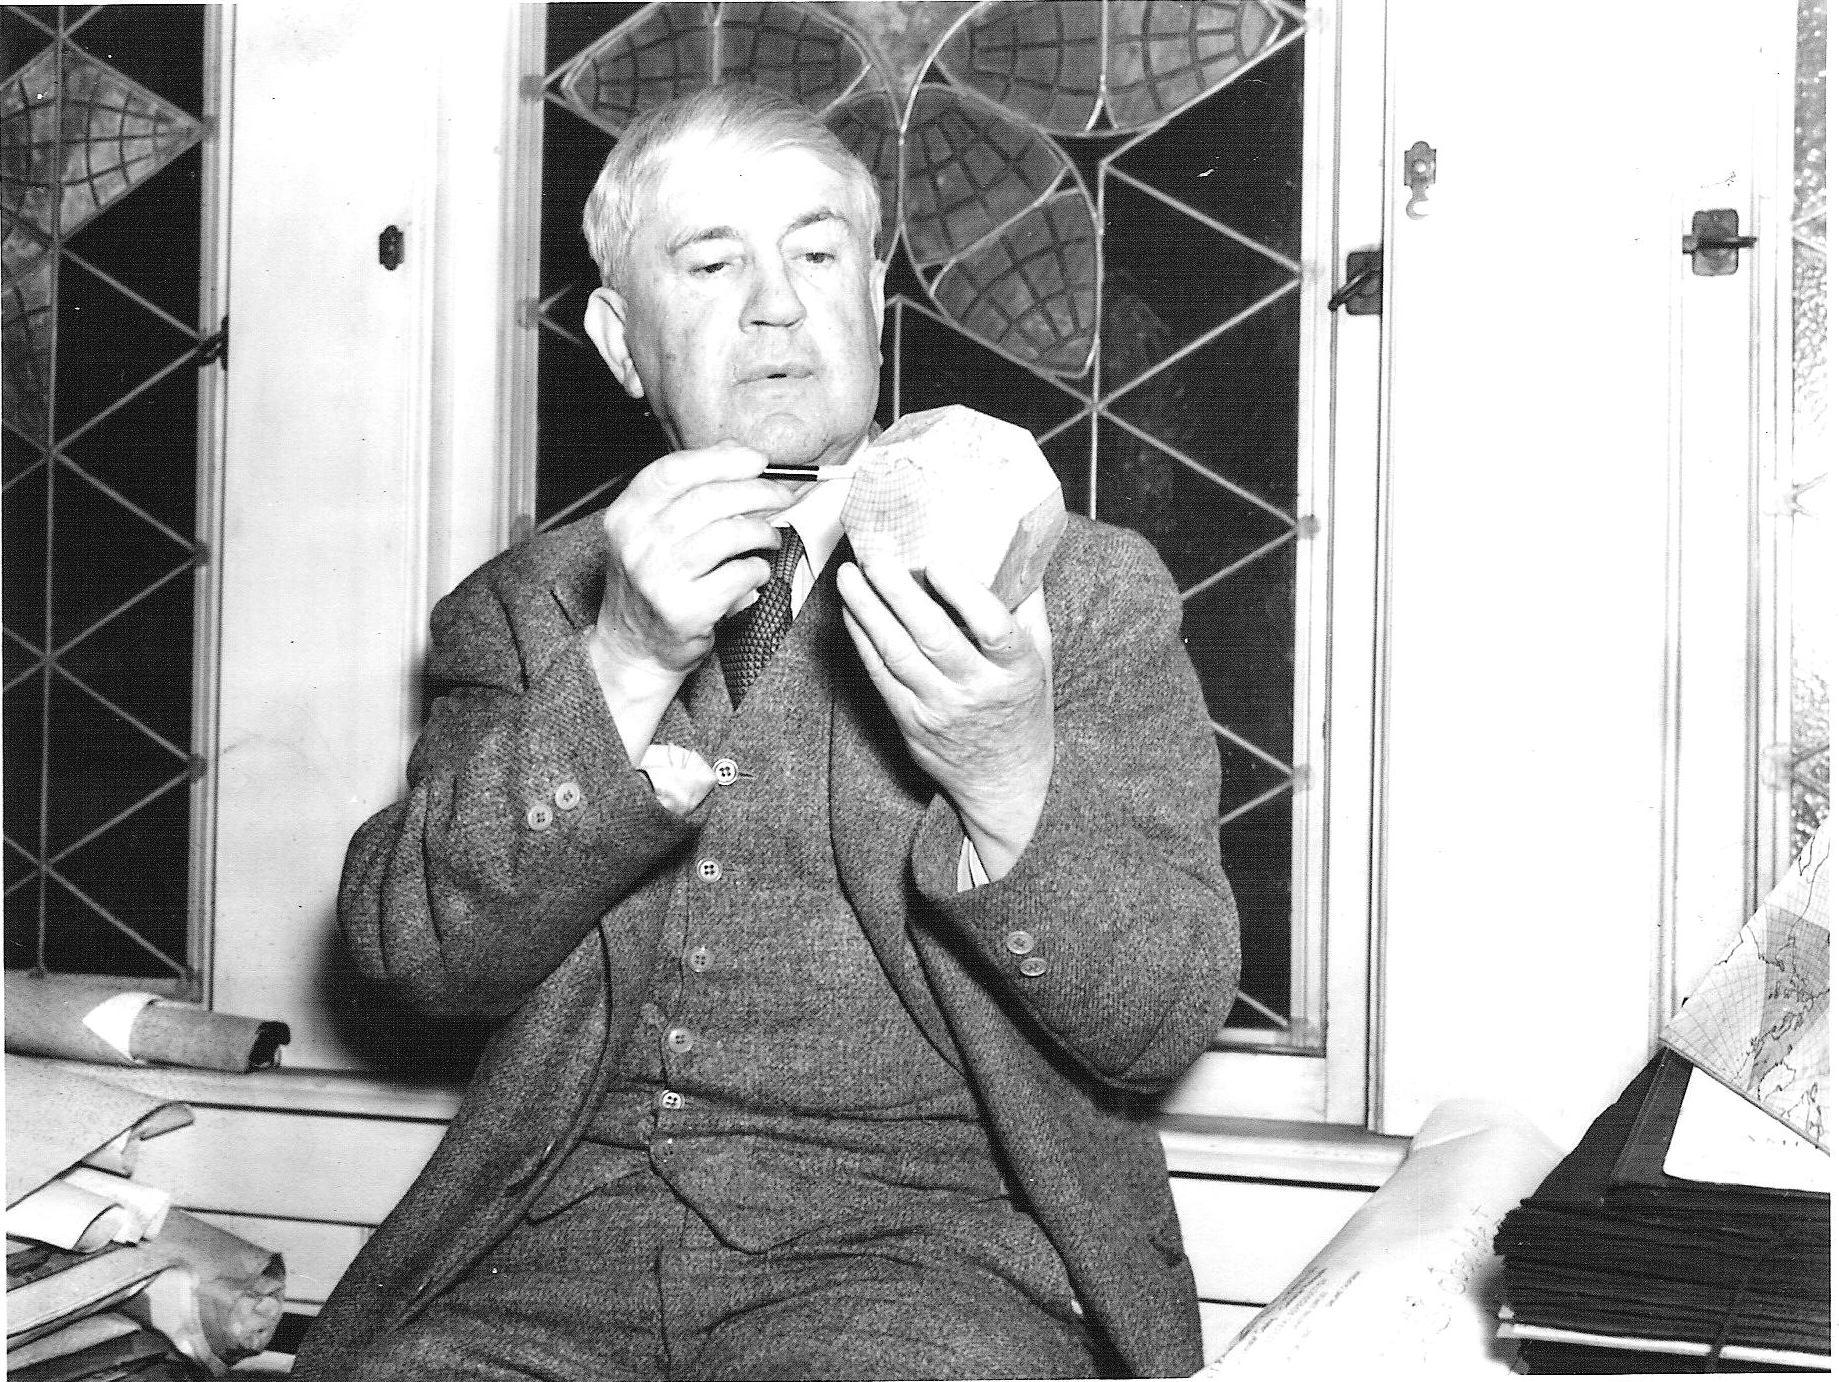 B.J.S. Cahill, ca. 1936